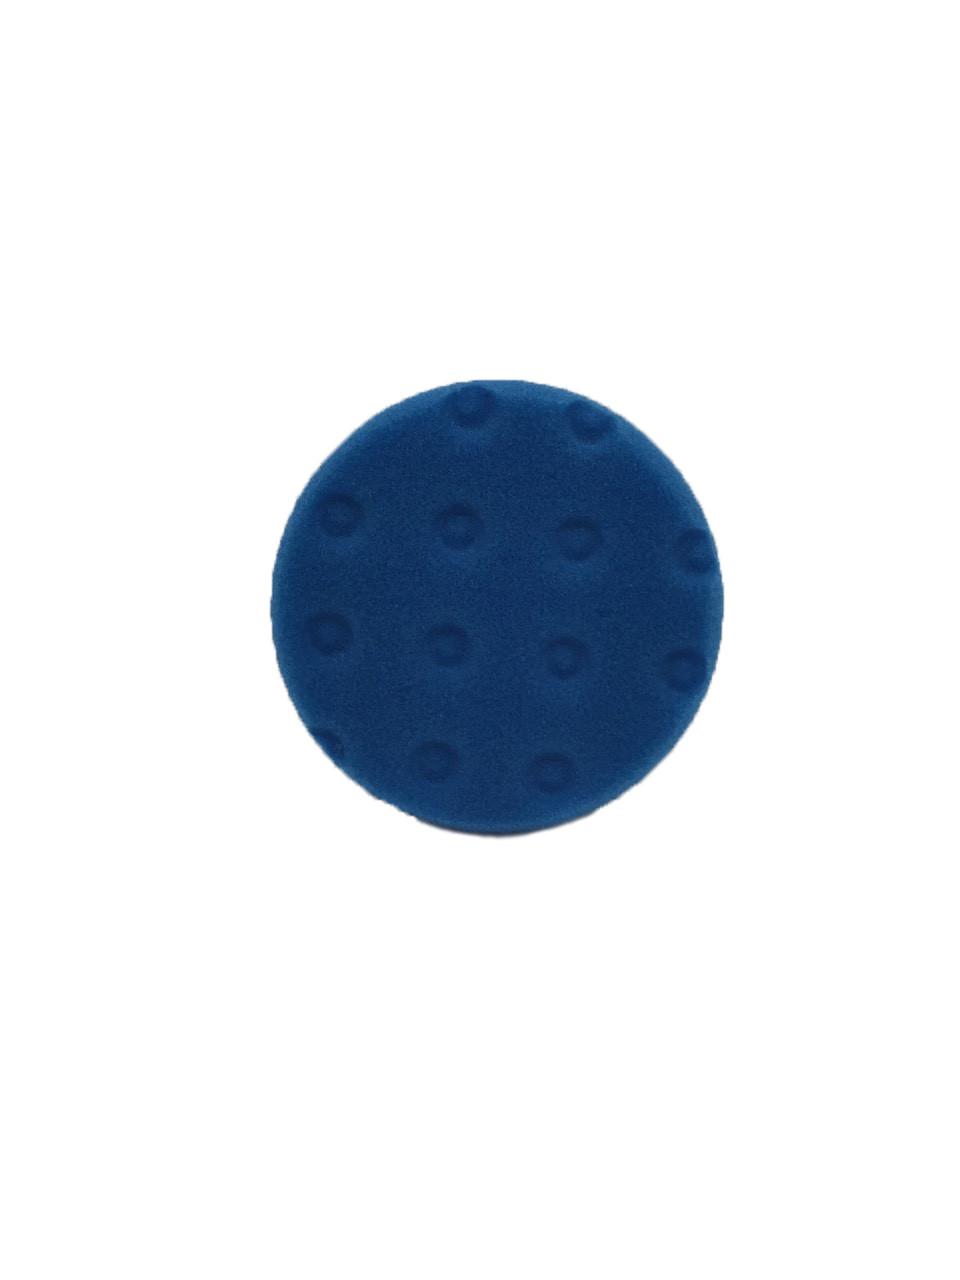 Полировальный круг мягкий антиголограмный - Lake Country Сutback DA Blue Foam 73 мм. (78-92350CCS-76MМ)